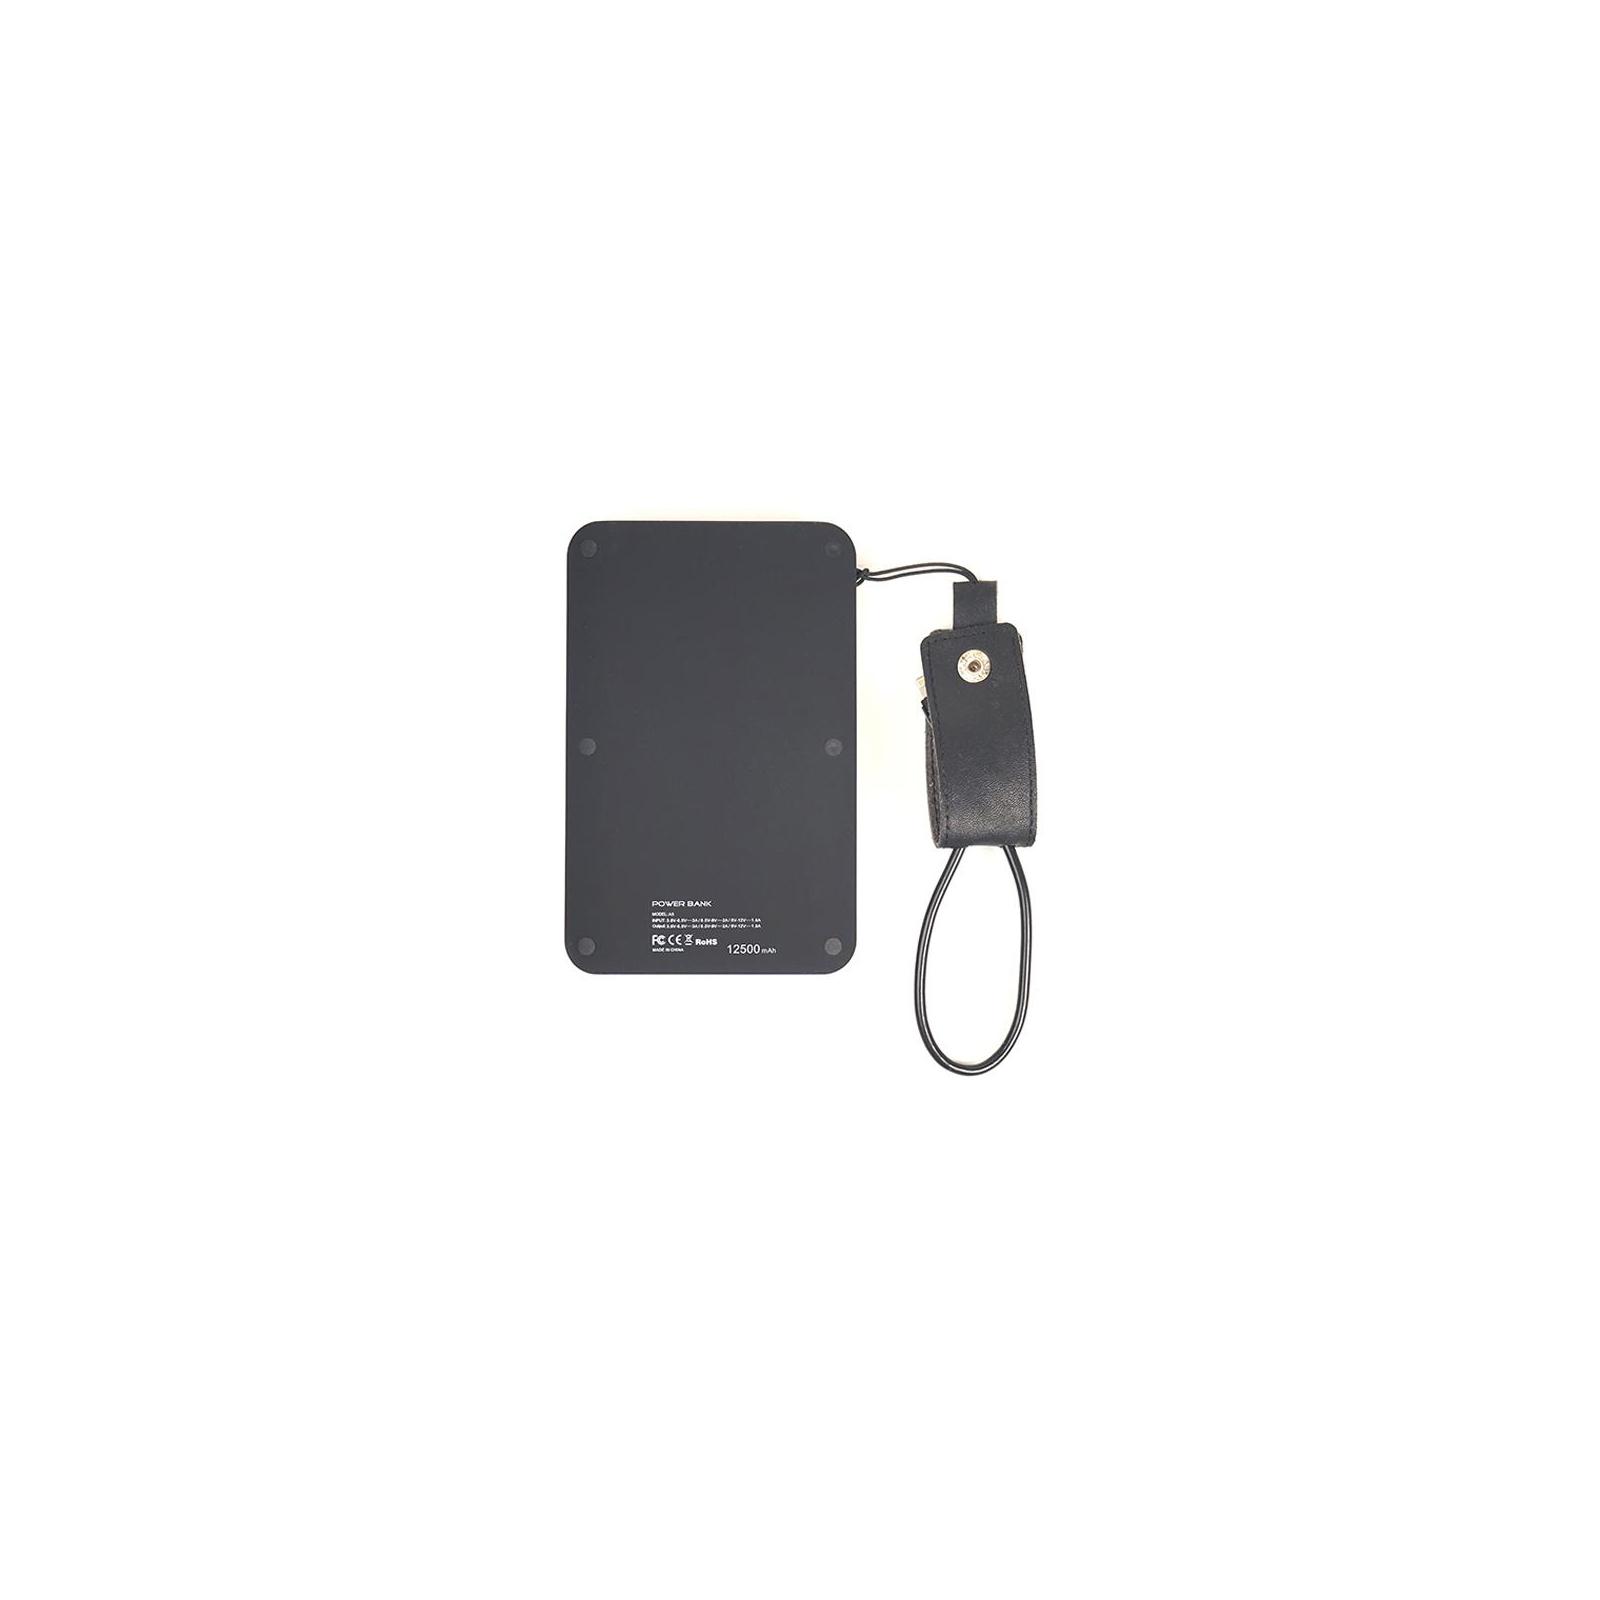 Батарея универсальная PowerPlant A5 Quick charge 3.0 12500mAh (PB930104) изображение 4